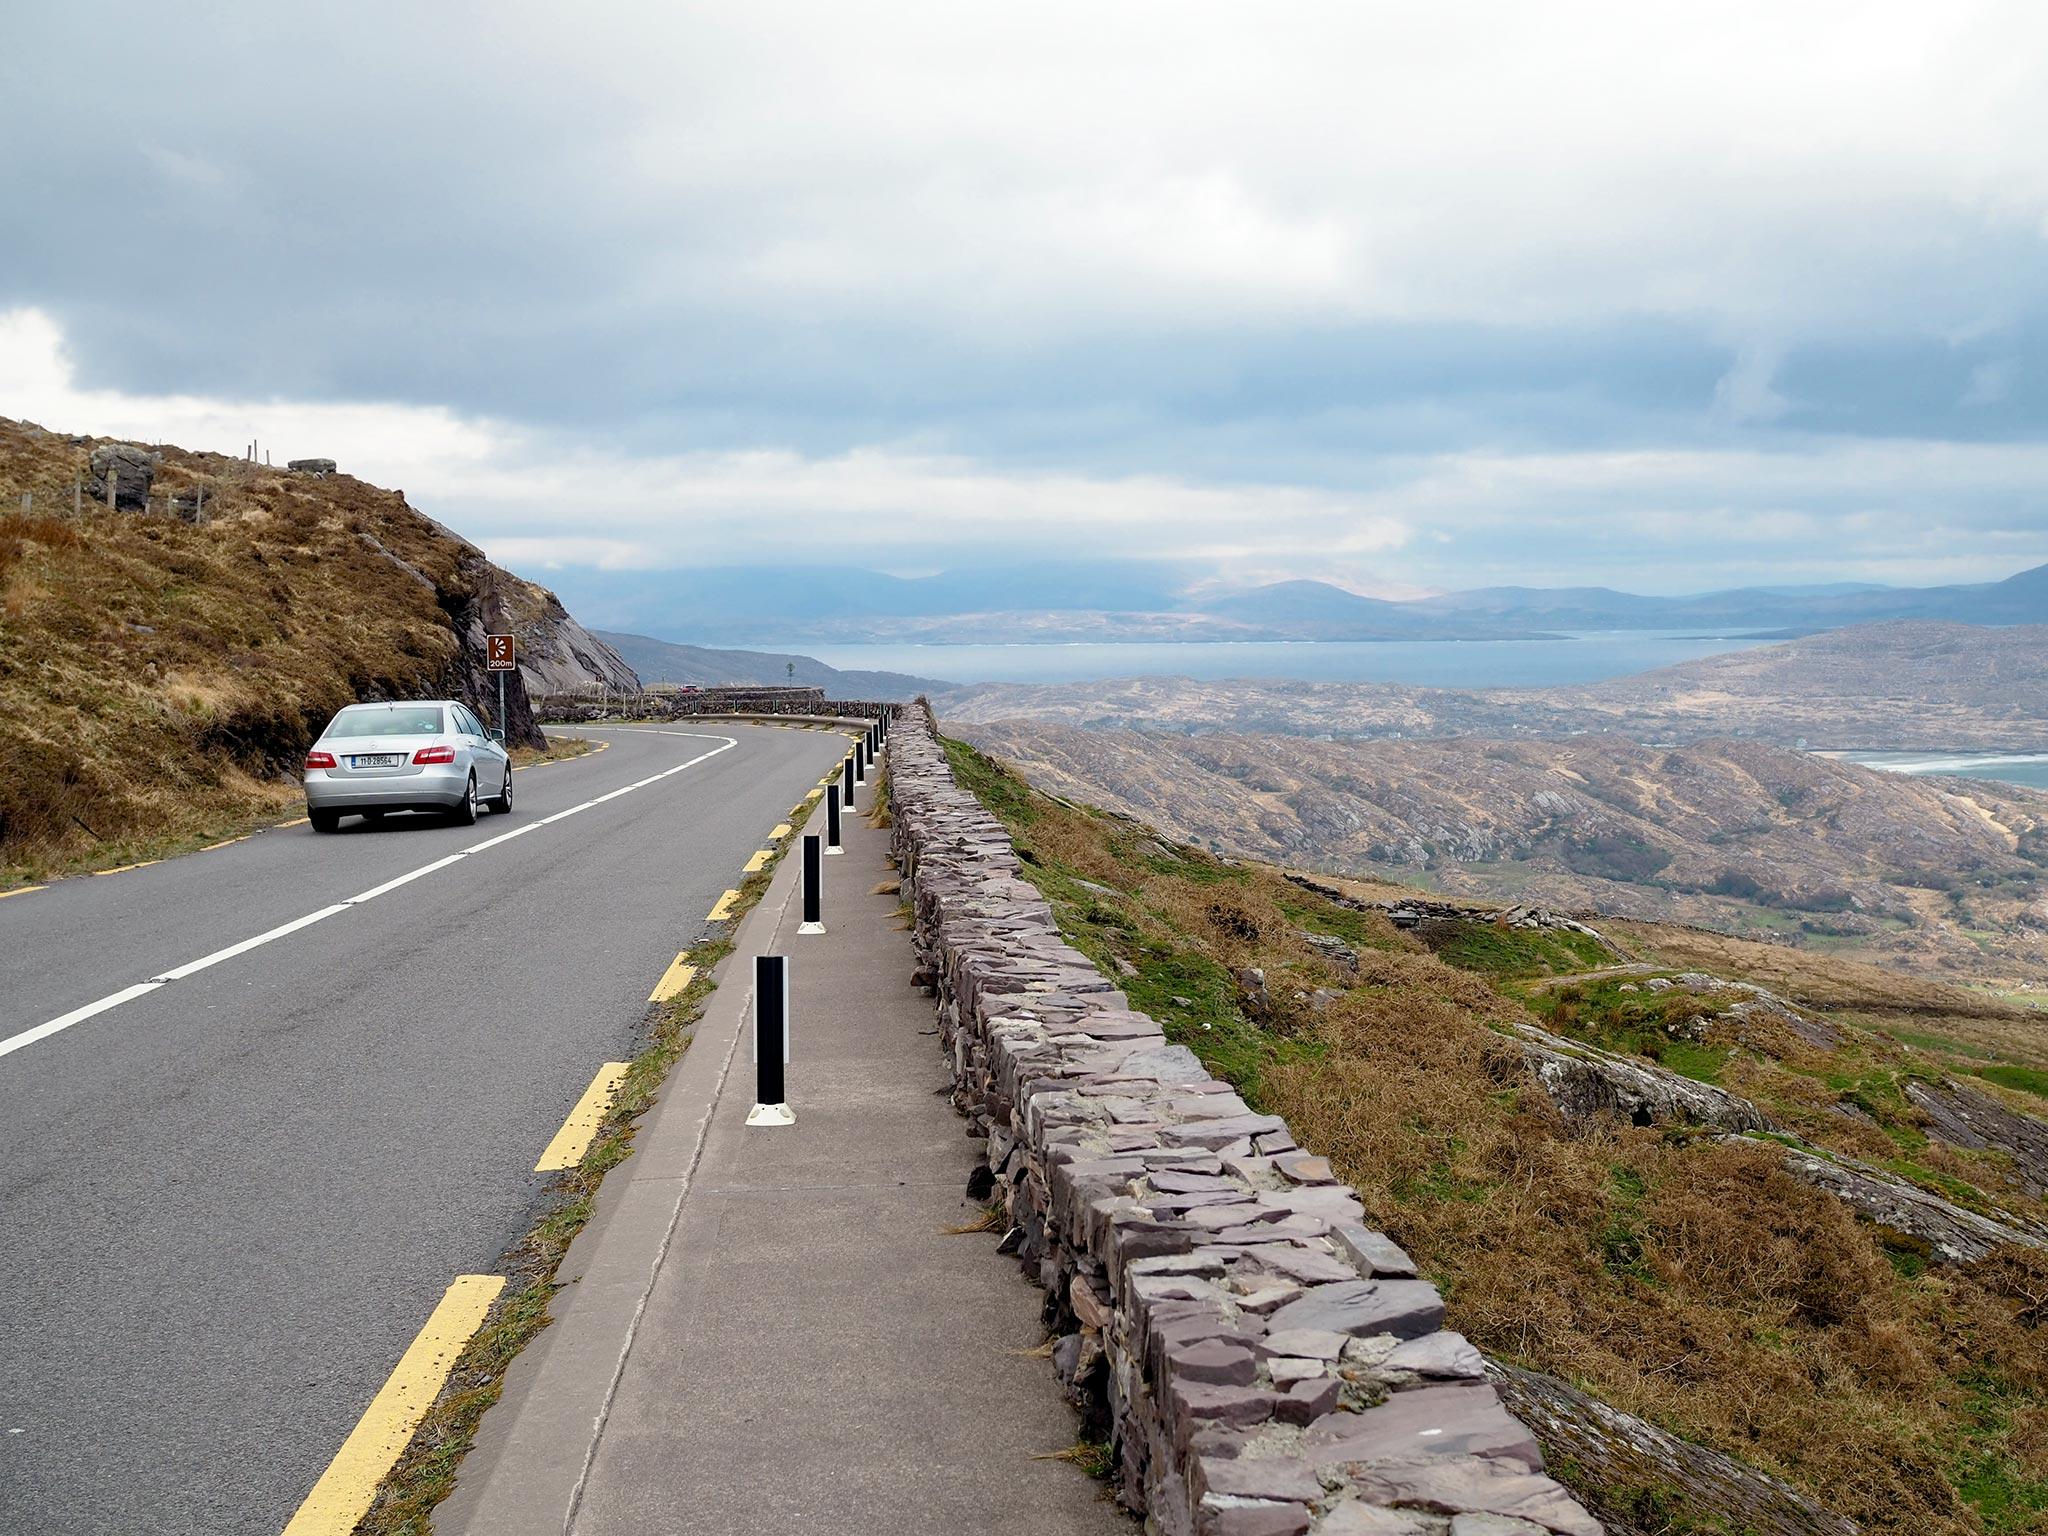 Irlanti-kirjaan materiaalia keräämässä Irlannin roadtripillä. Kuva: Moona Laakso